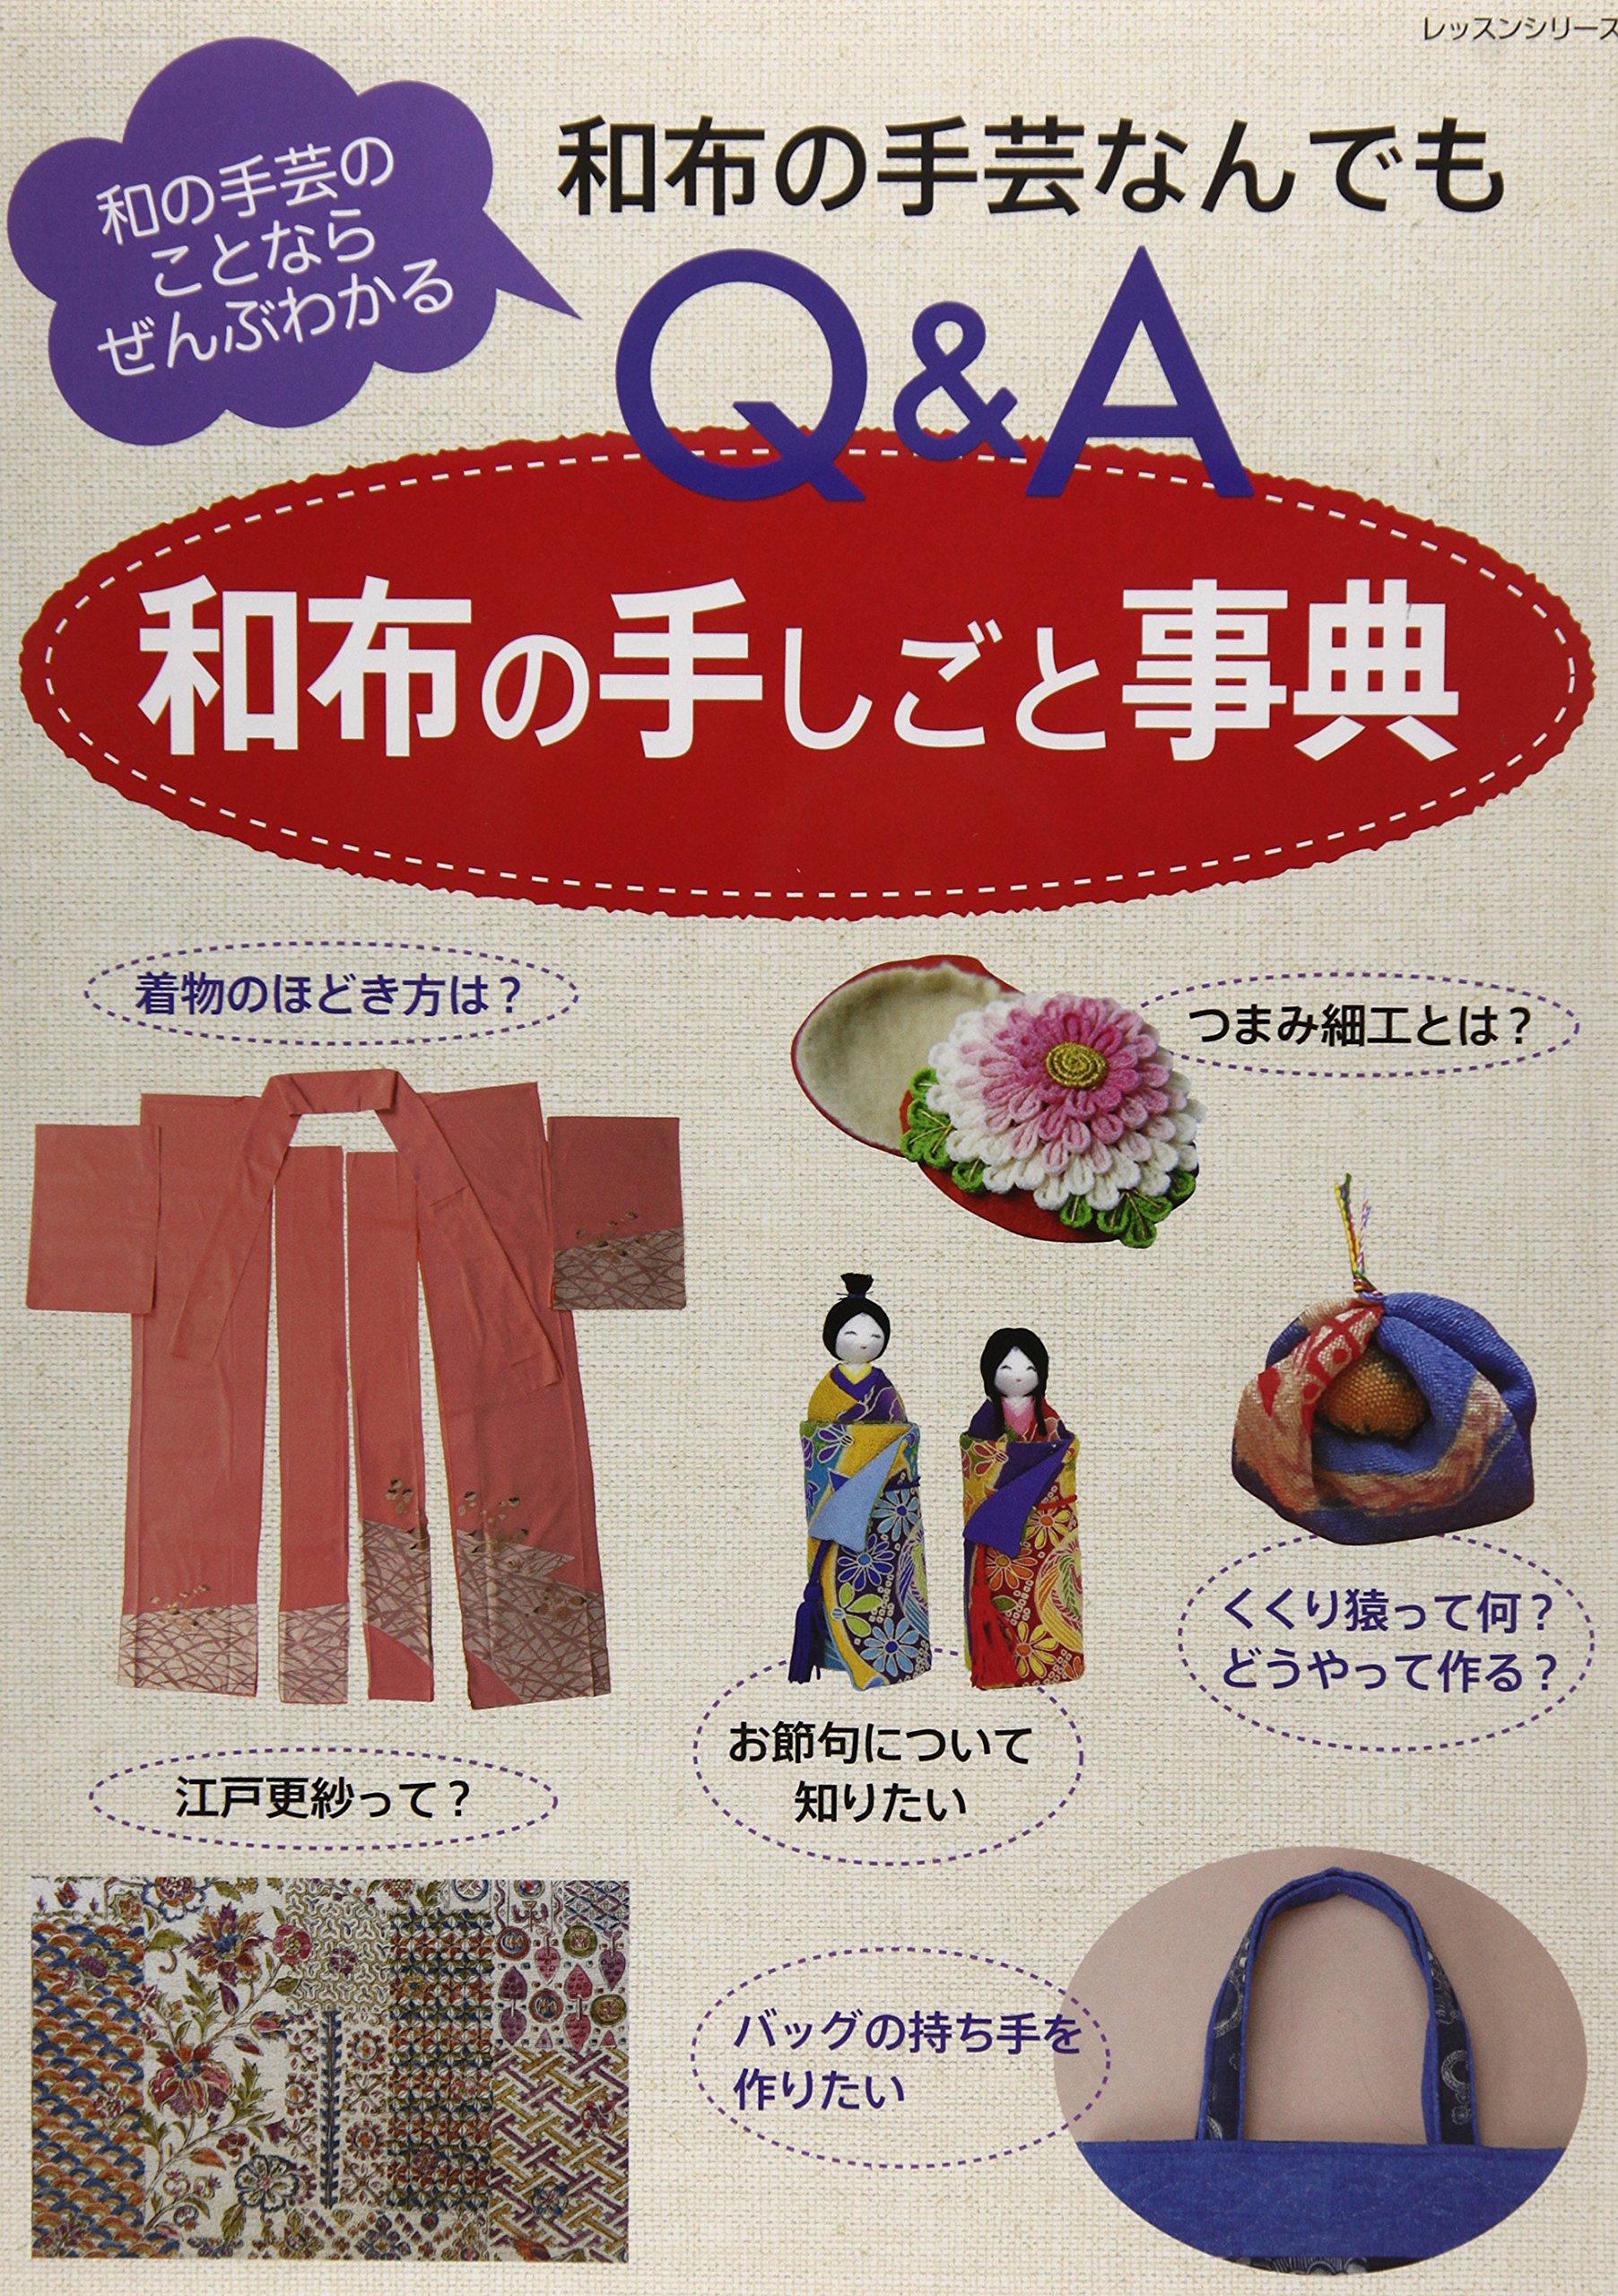 Read Online Wafu no teshigoto jiten : wafu no shugei nandemo kyū ando ē wa no shugei no koto nara zenbu wakaru. PDF